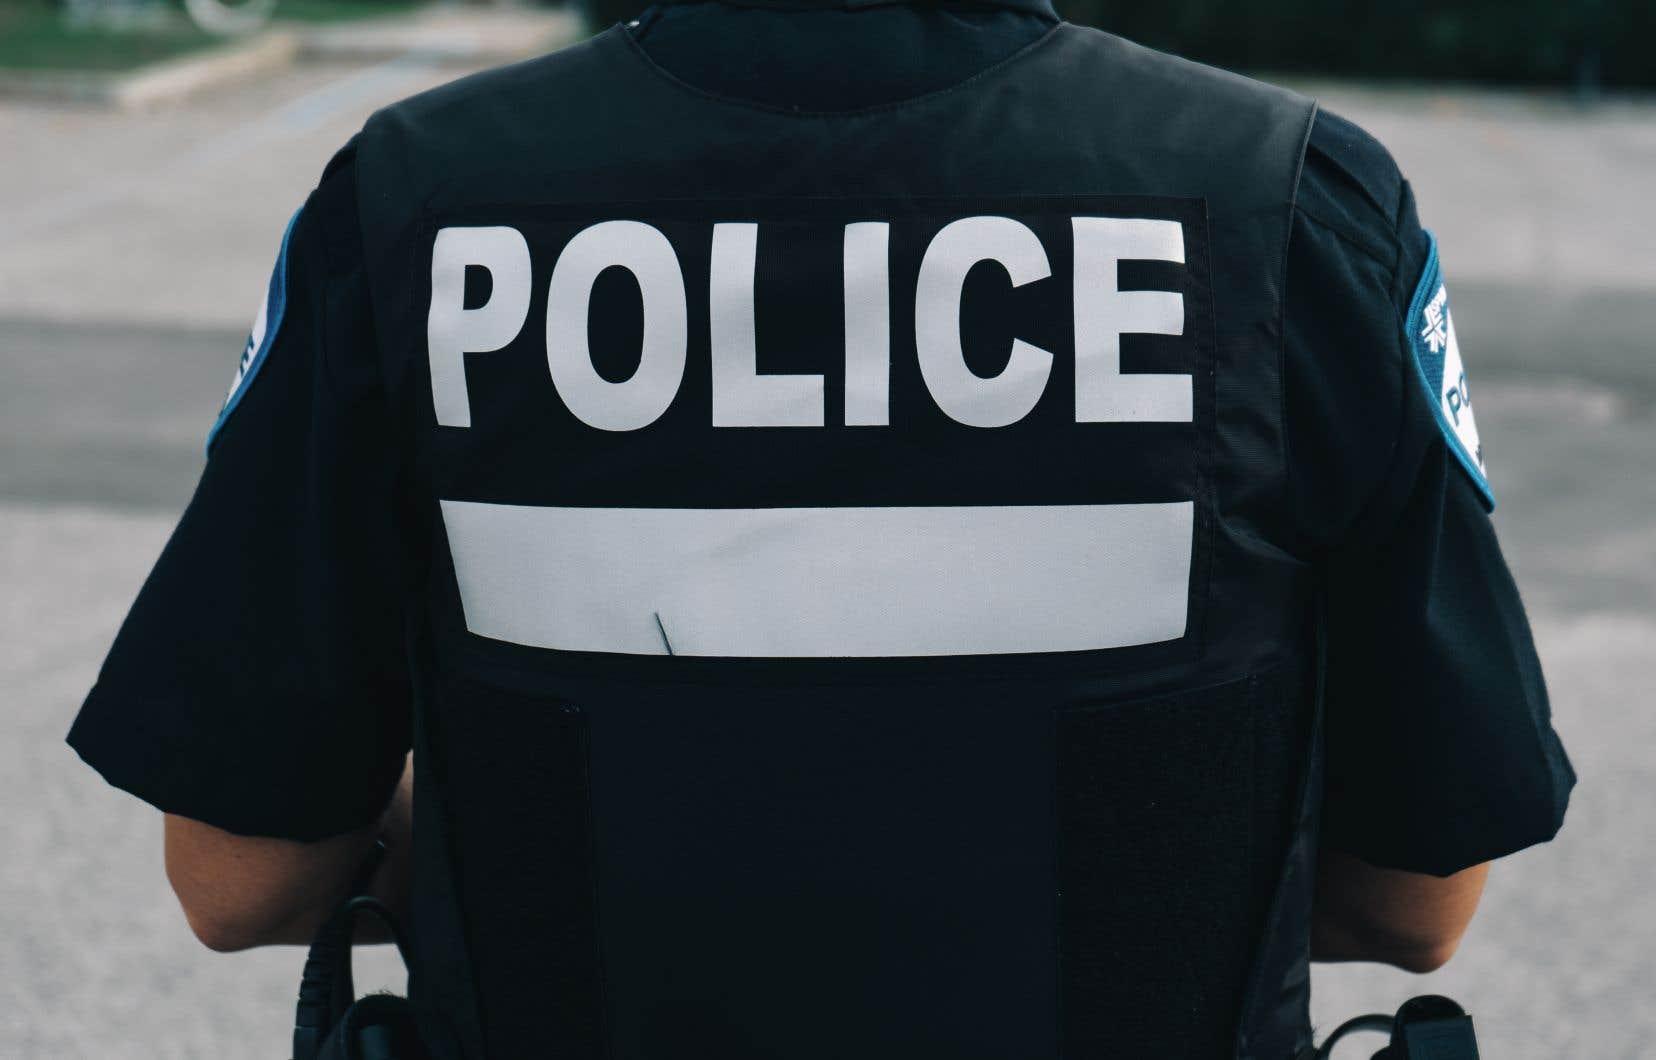 «Cette bonification substantielle sera d'un grand soutien aux futurs policiers. L'amélioration des services policiers aux communautés culturelles, ethniques et autochtones passe par l'éducation», a déclarél'ancien policier et ministre responsable des Affaires autochtones, Ian Lafrenière.